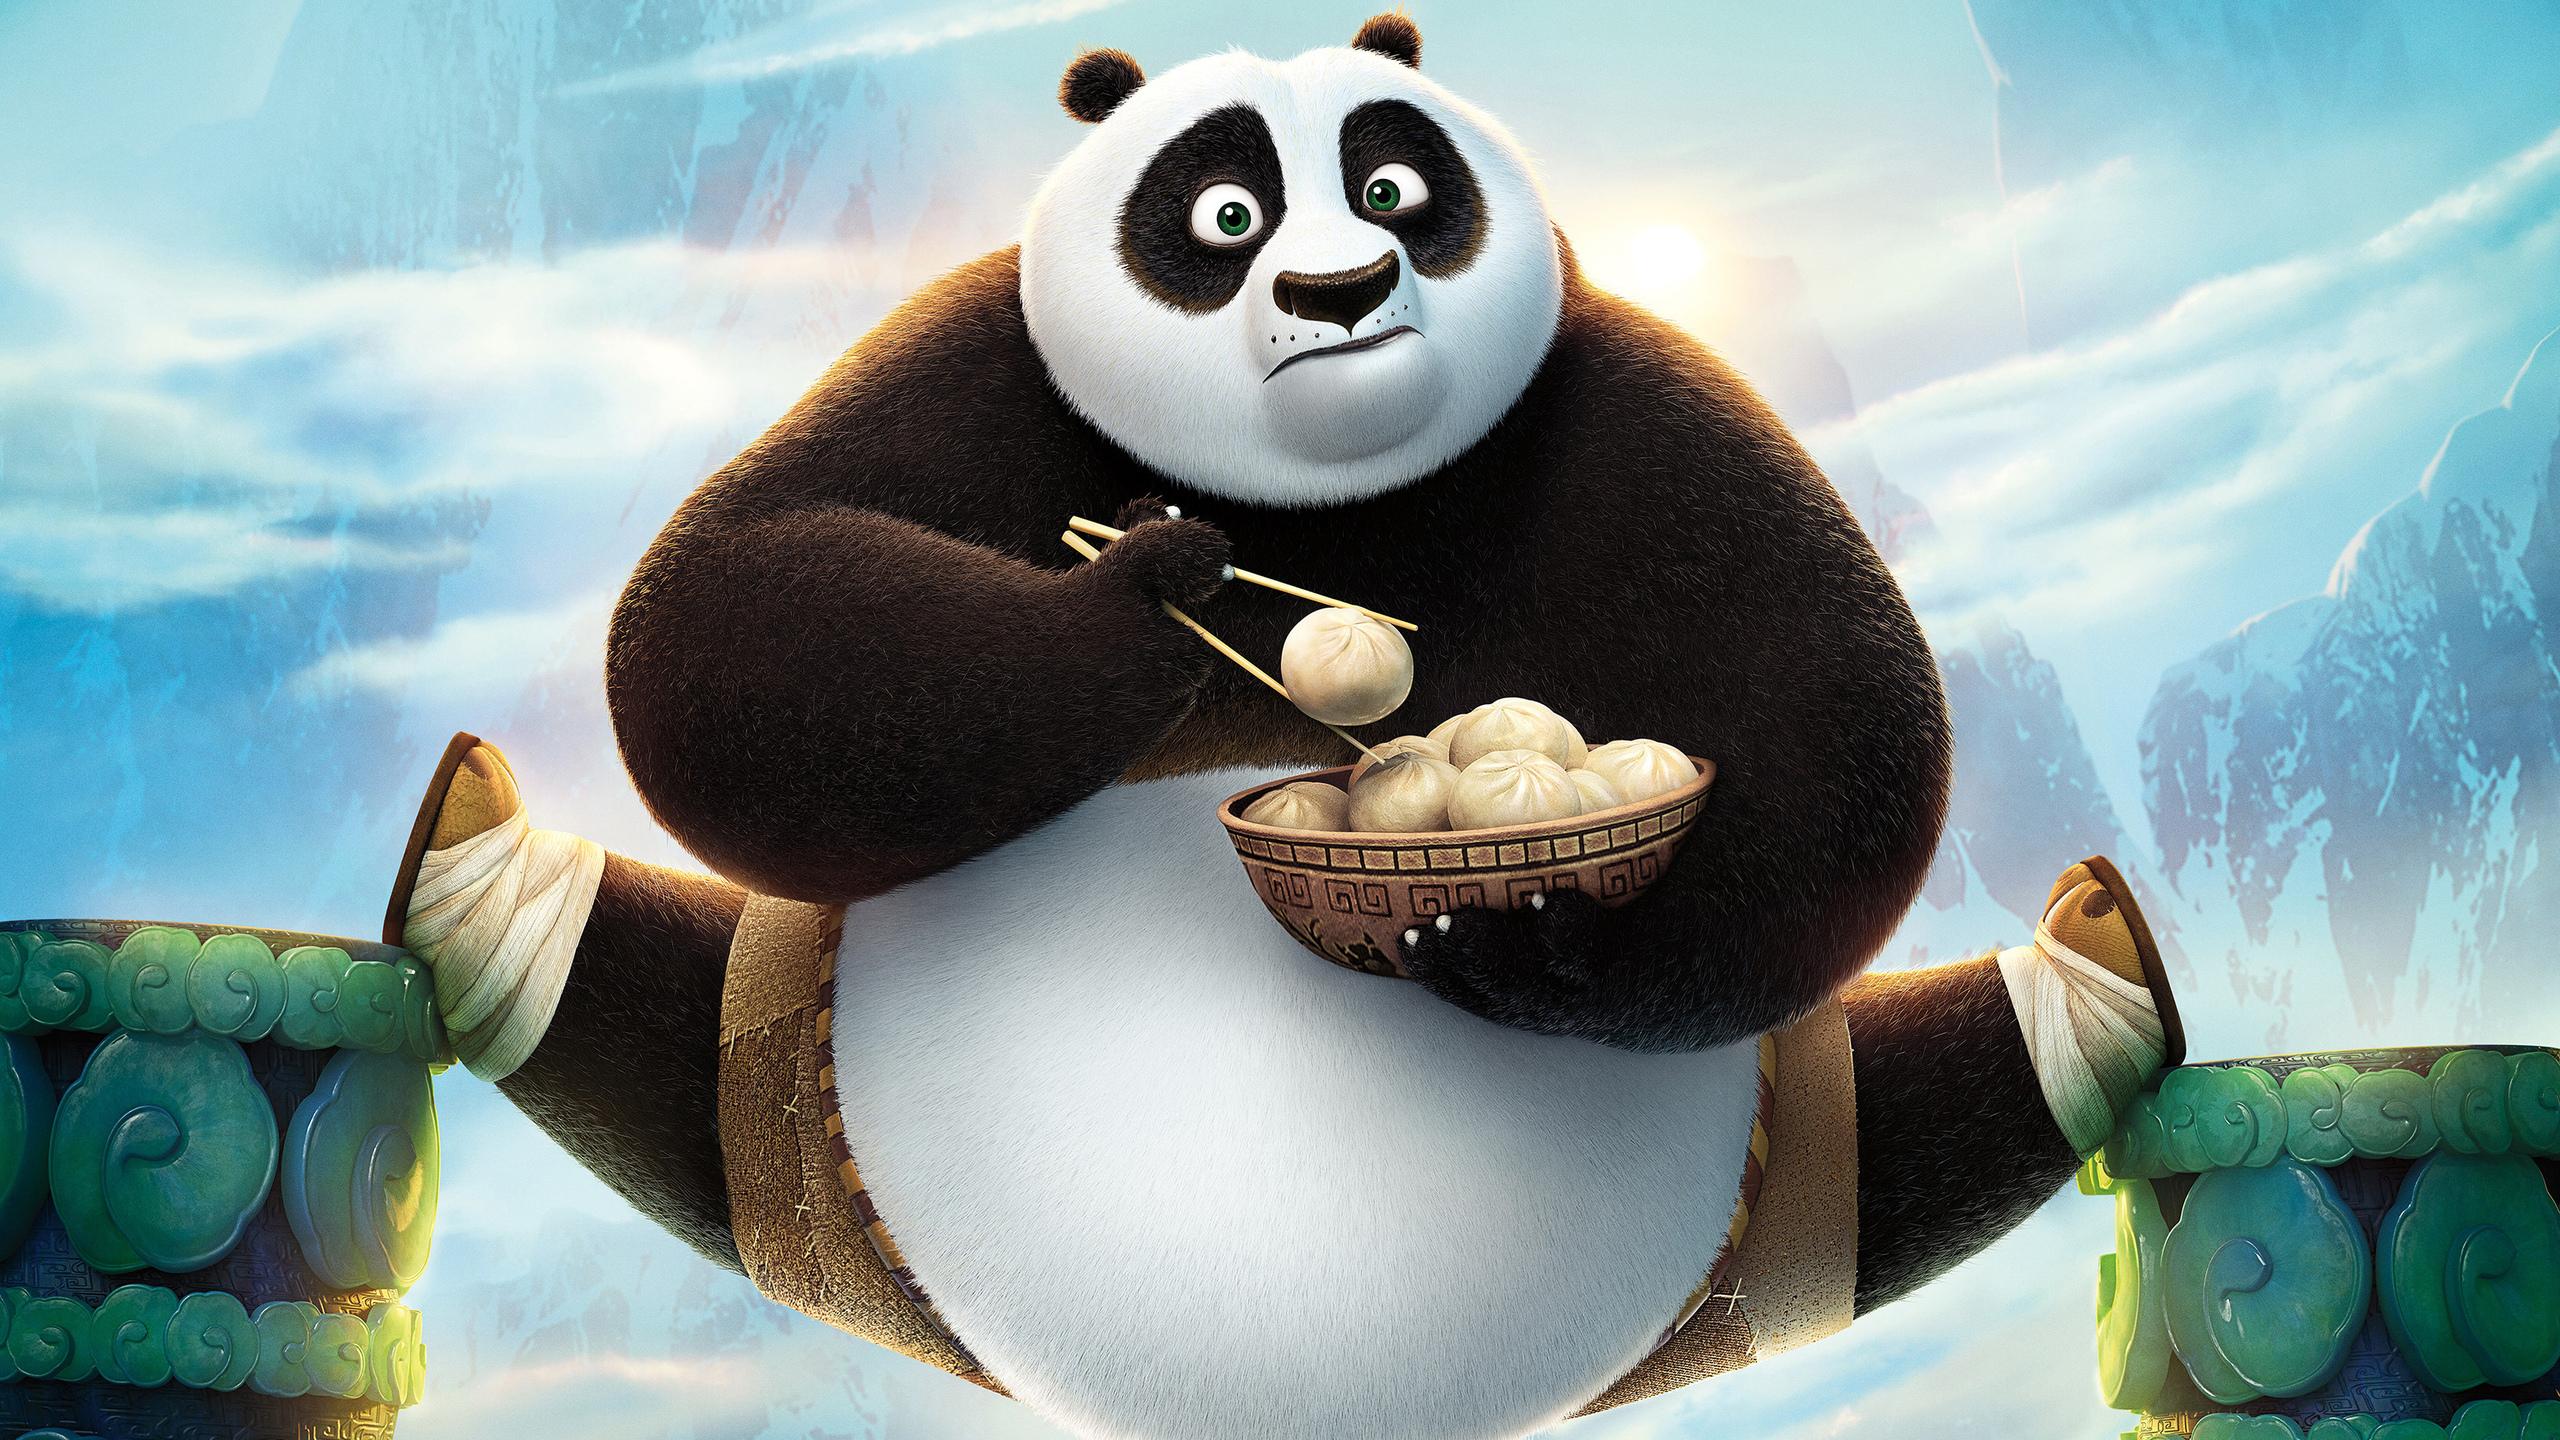 кунгфу панда 3, dream works, панда, мультфильмы